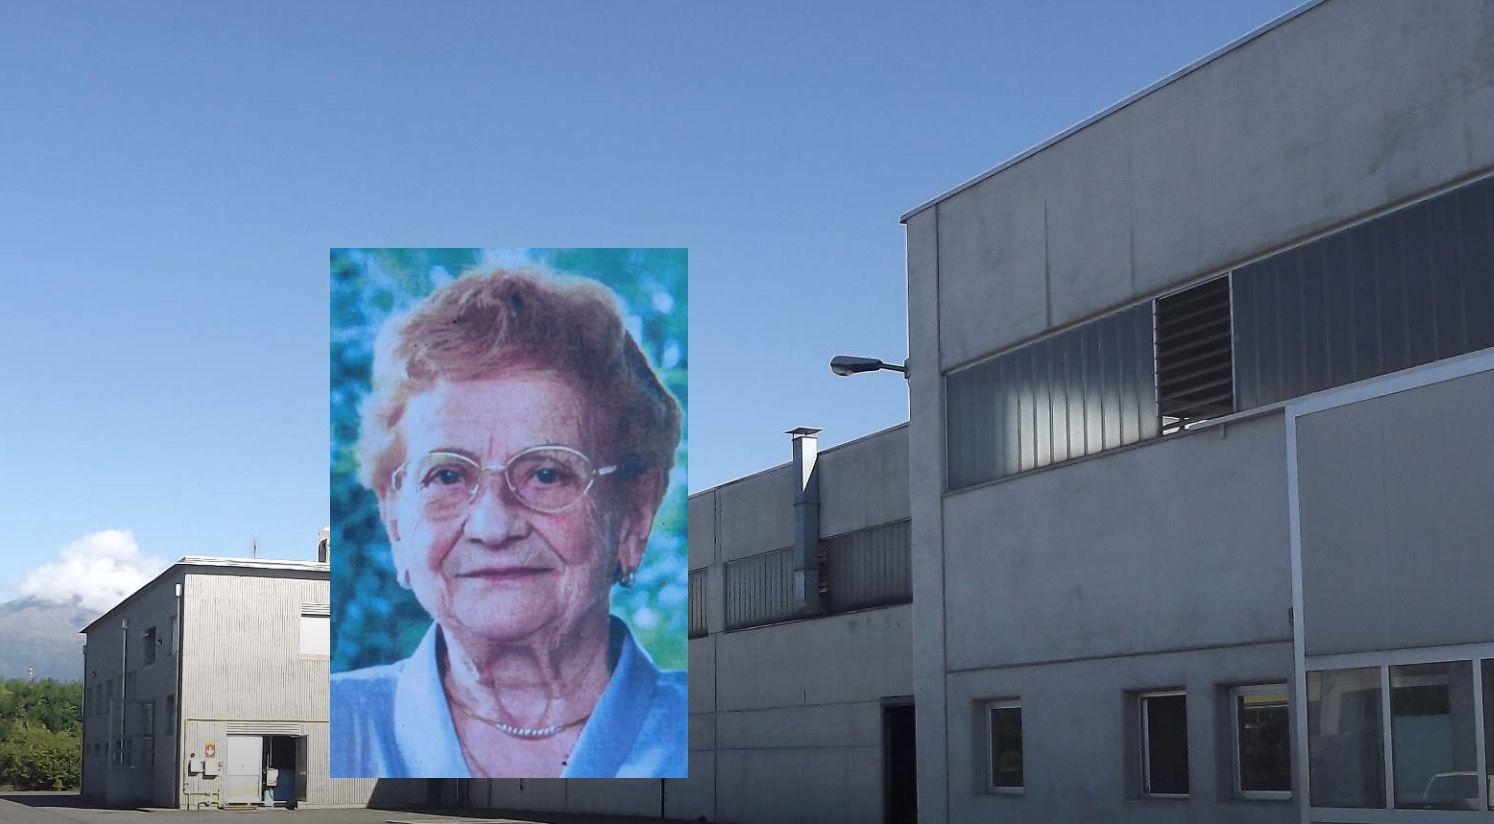 RIVAROLO CANAVESE - Addio ad Olga Margherita Morutto, fondatrice della «Nuova Zincorotostatica»